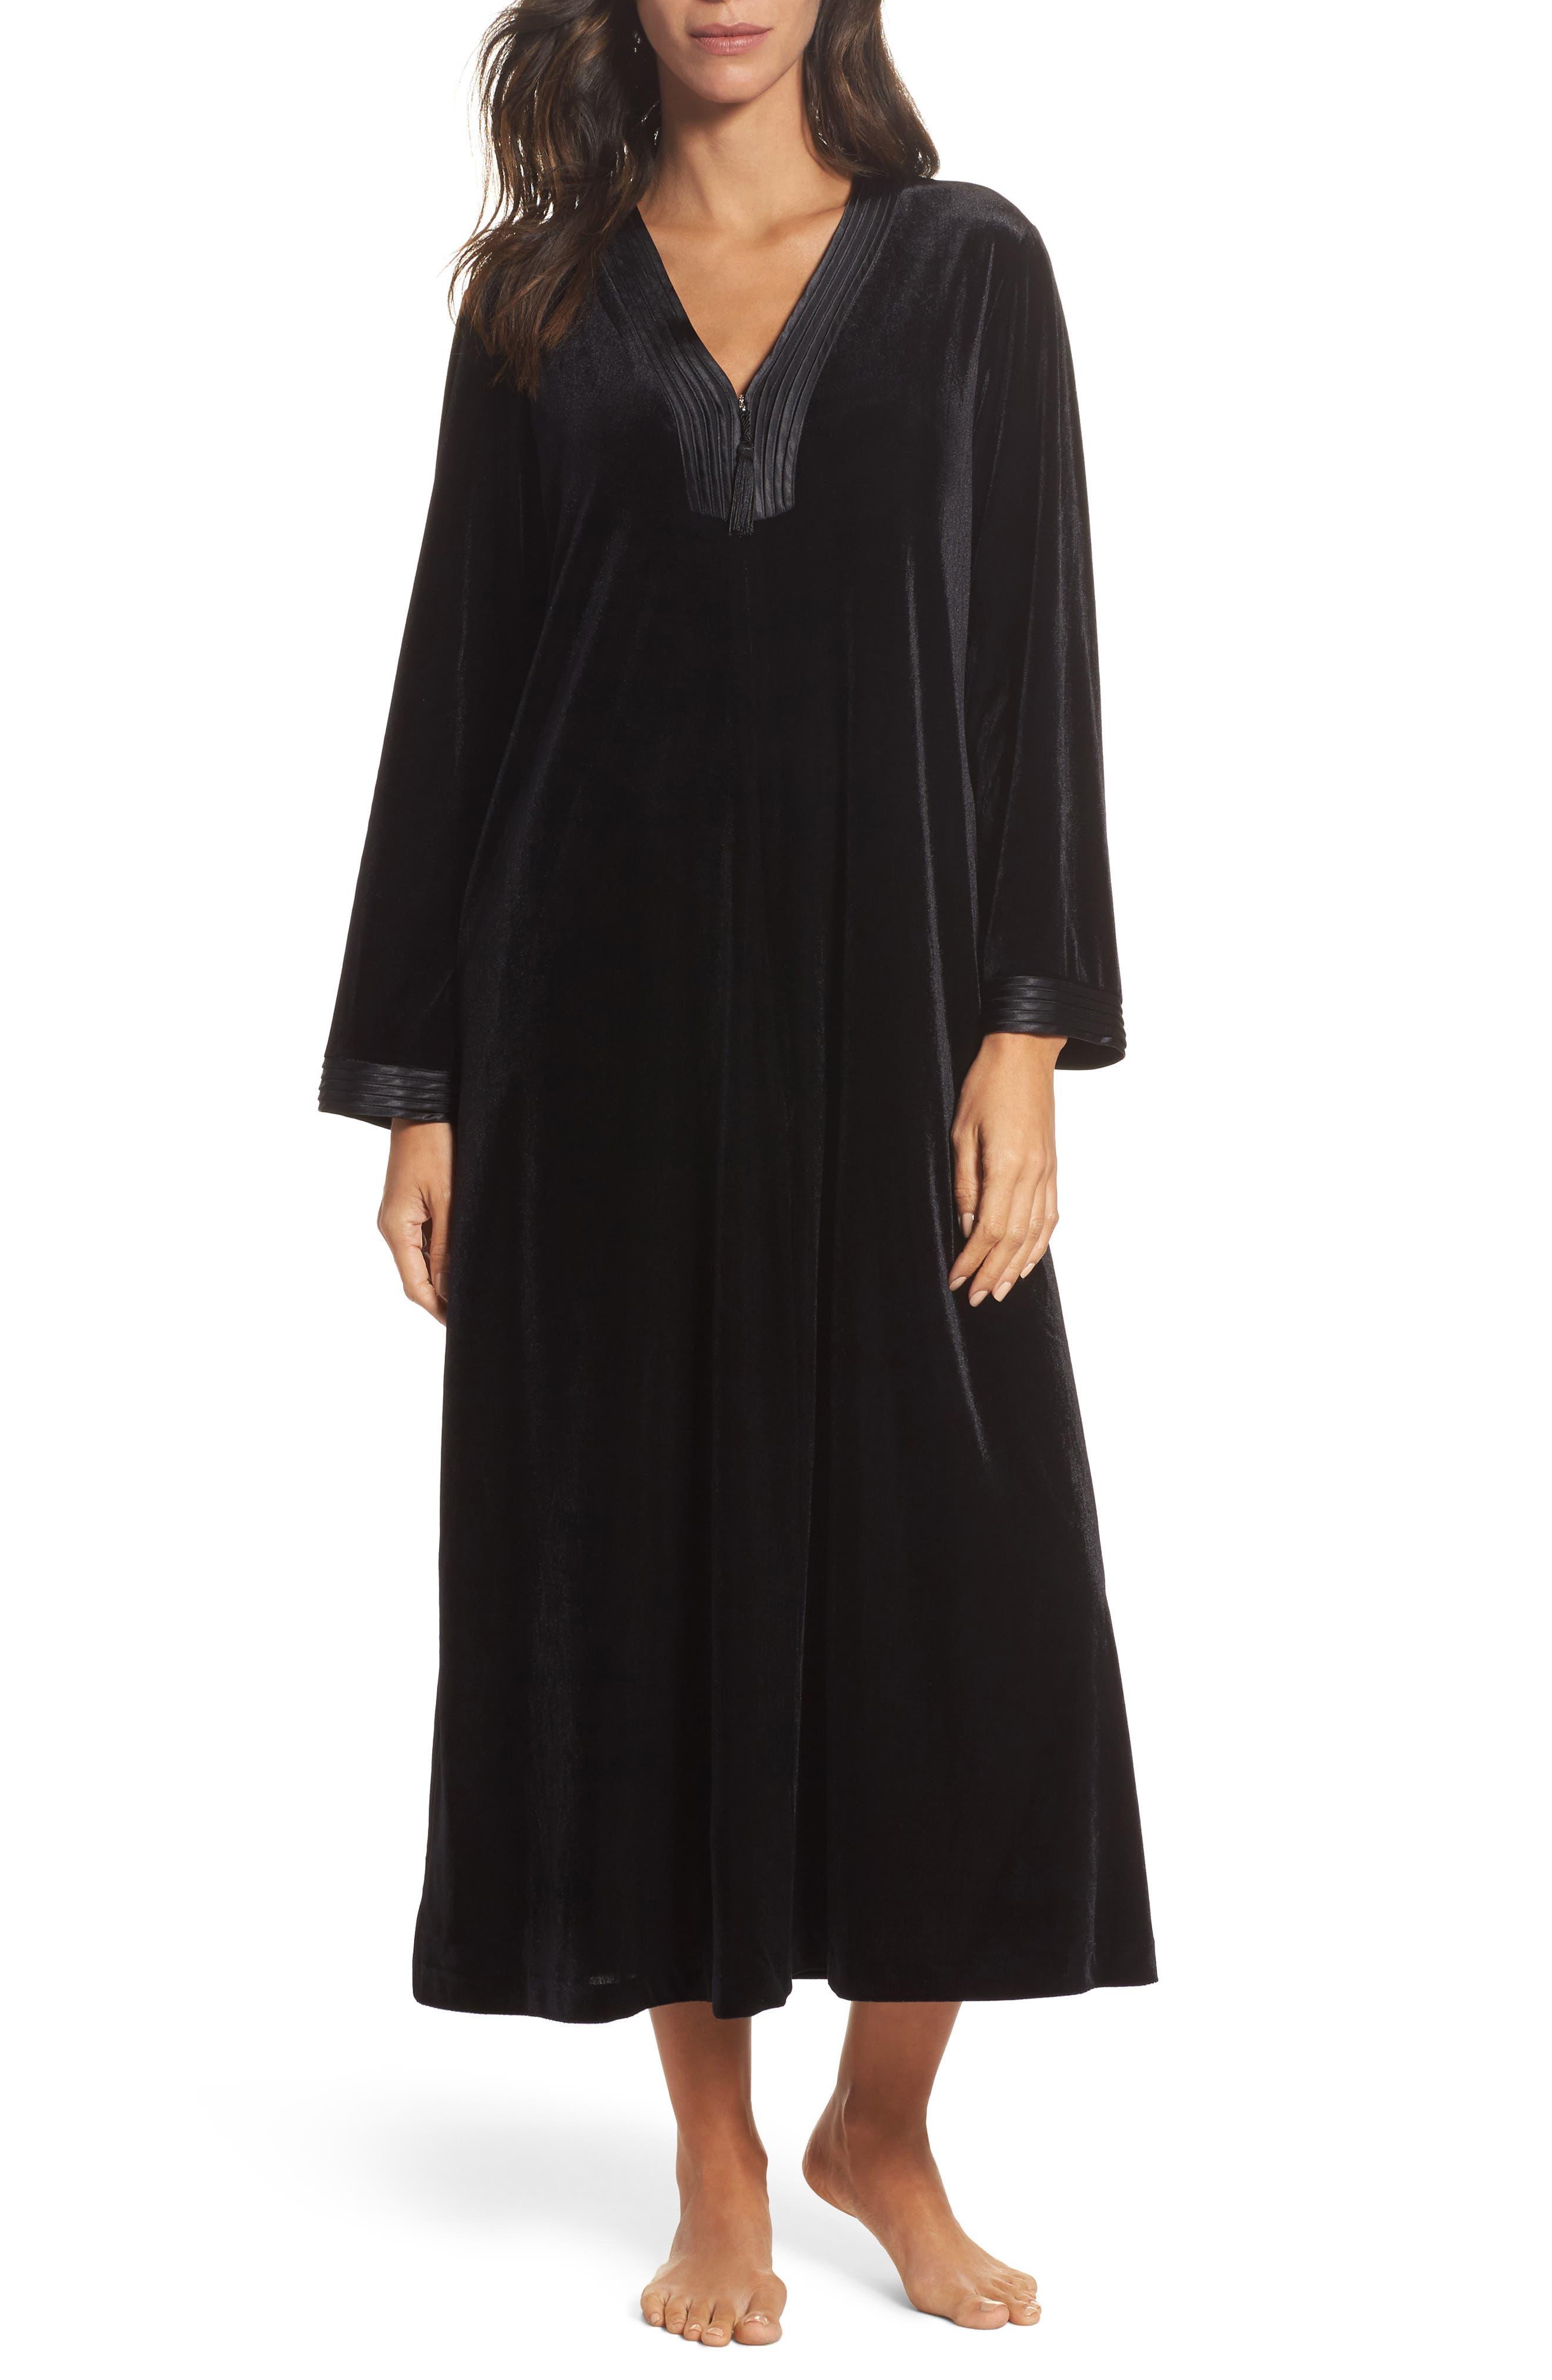 Oscar de la Renta Sleepwear Velvet Caftan